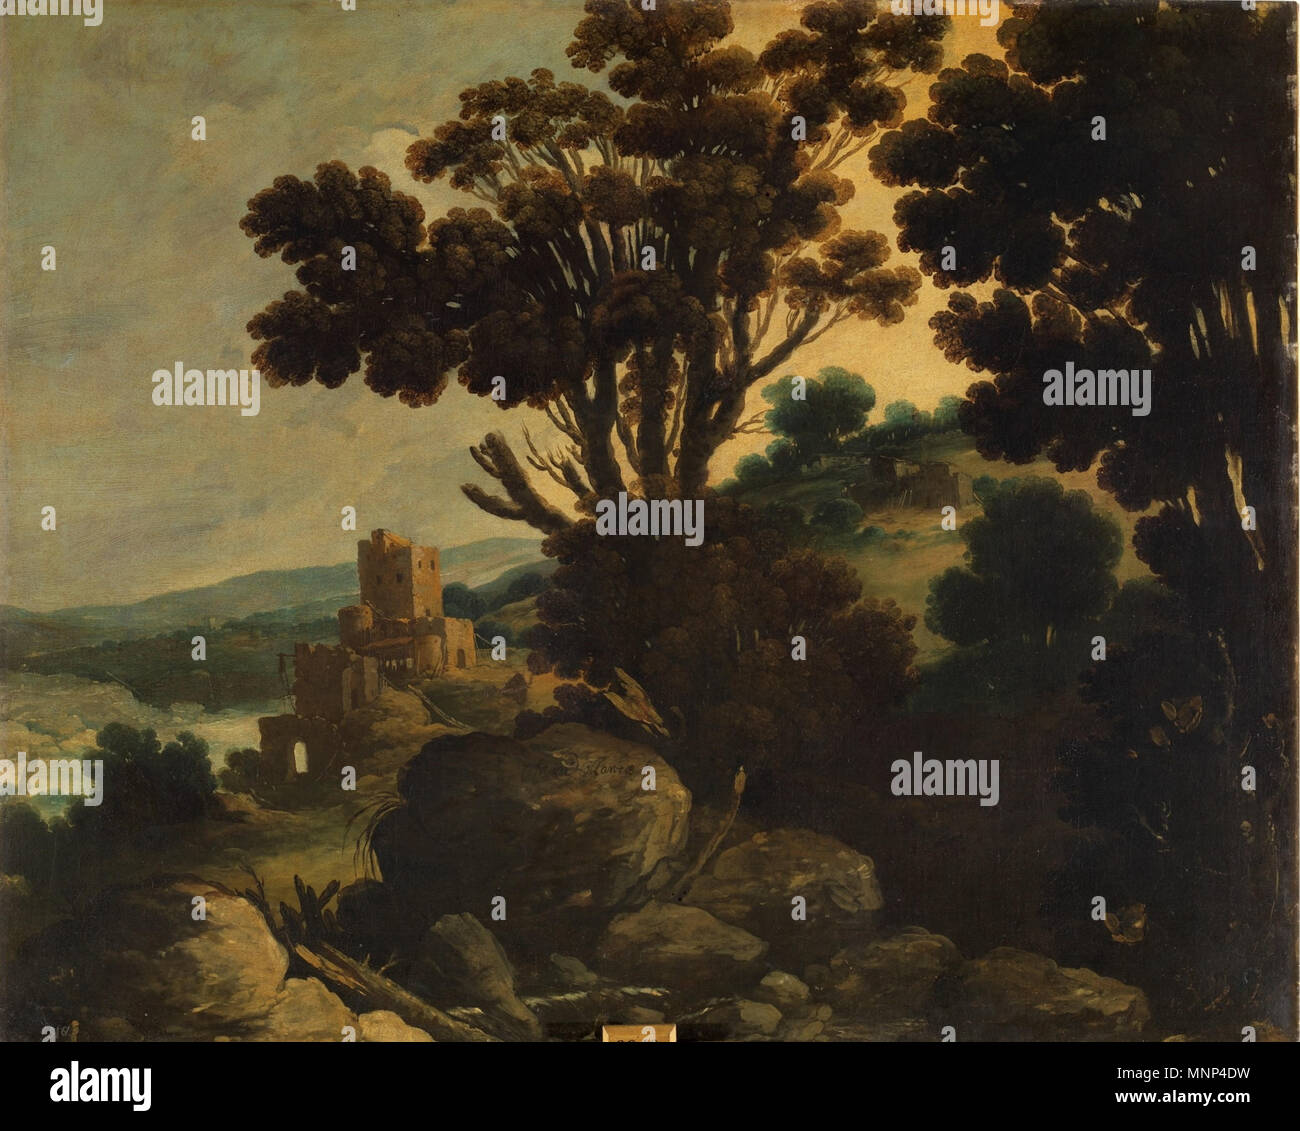 Paisaje   Primera mitad del siglo XVII.   954 Paisaje, de Francisco Collantes (Museo del Prado) - Stock Image